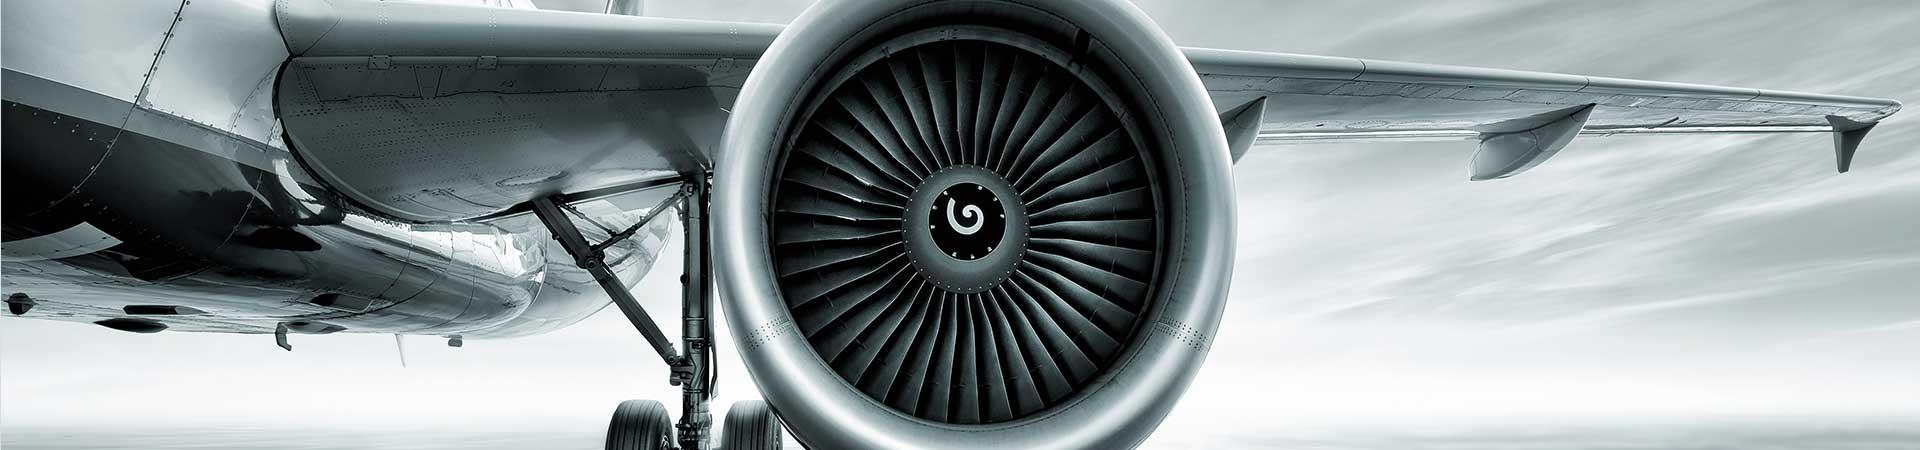 Luftraumfahrttechnik Edelstahl Kohler Aldingen